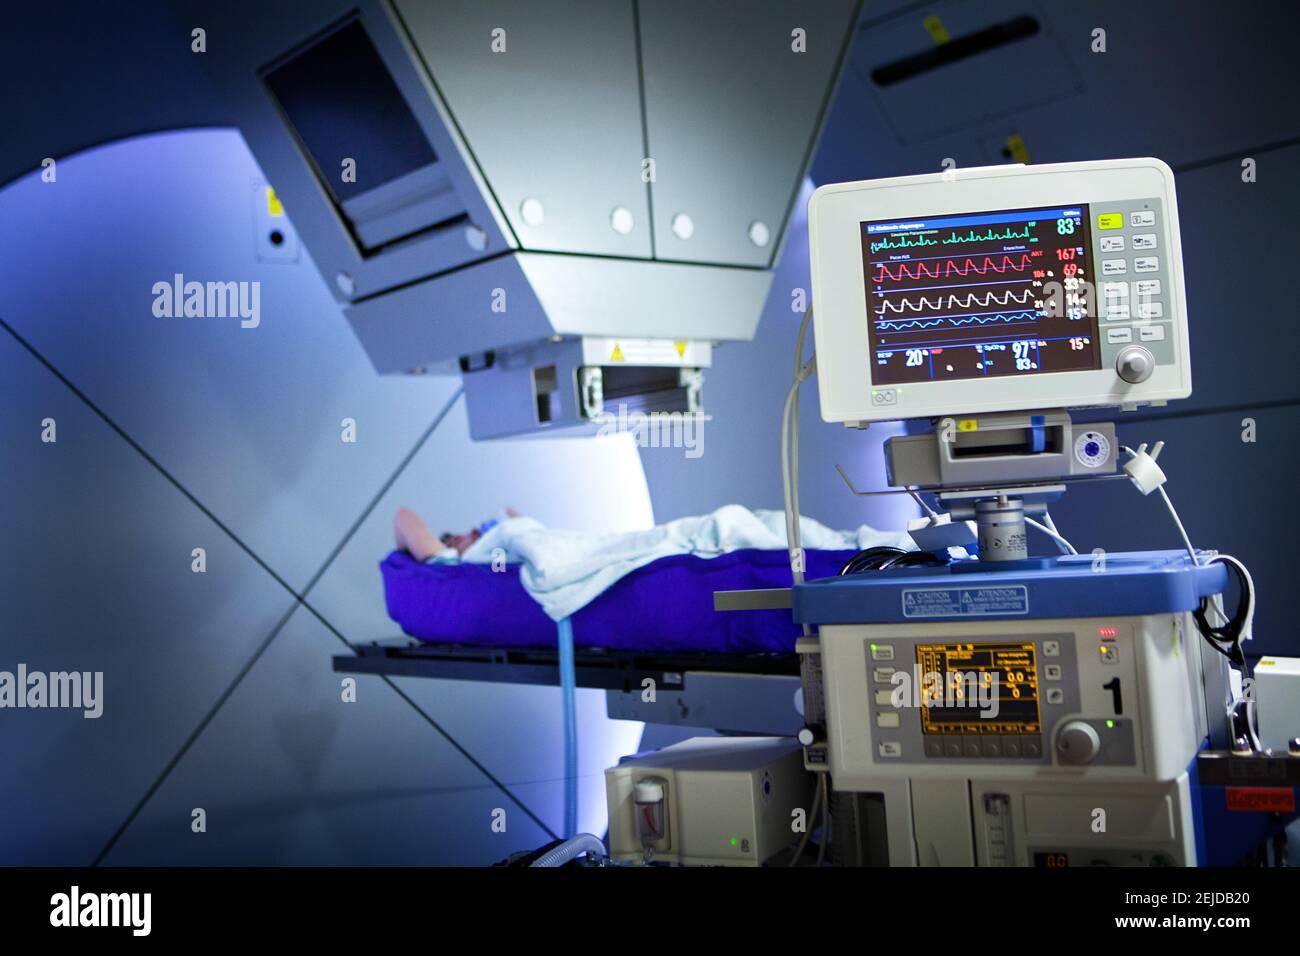 La terapia con protones irradia células cancerosas con un haz de protones dentro del tumor. Foto de stock